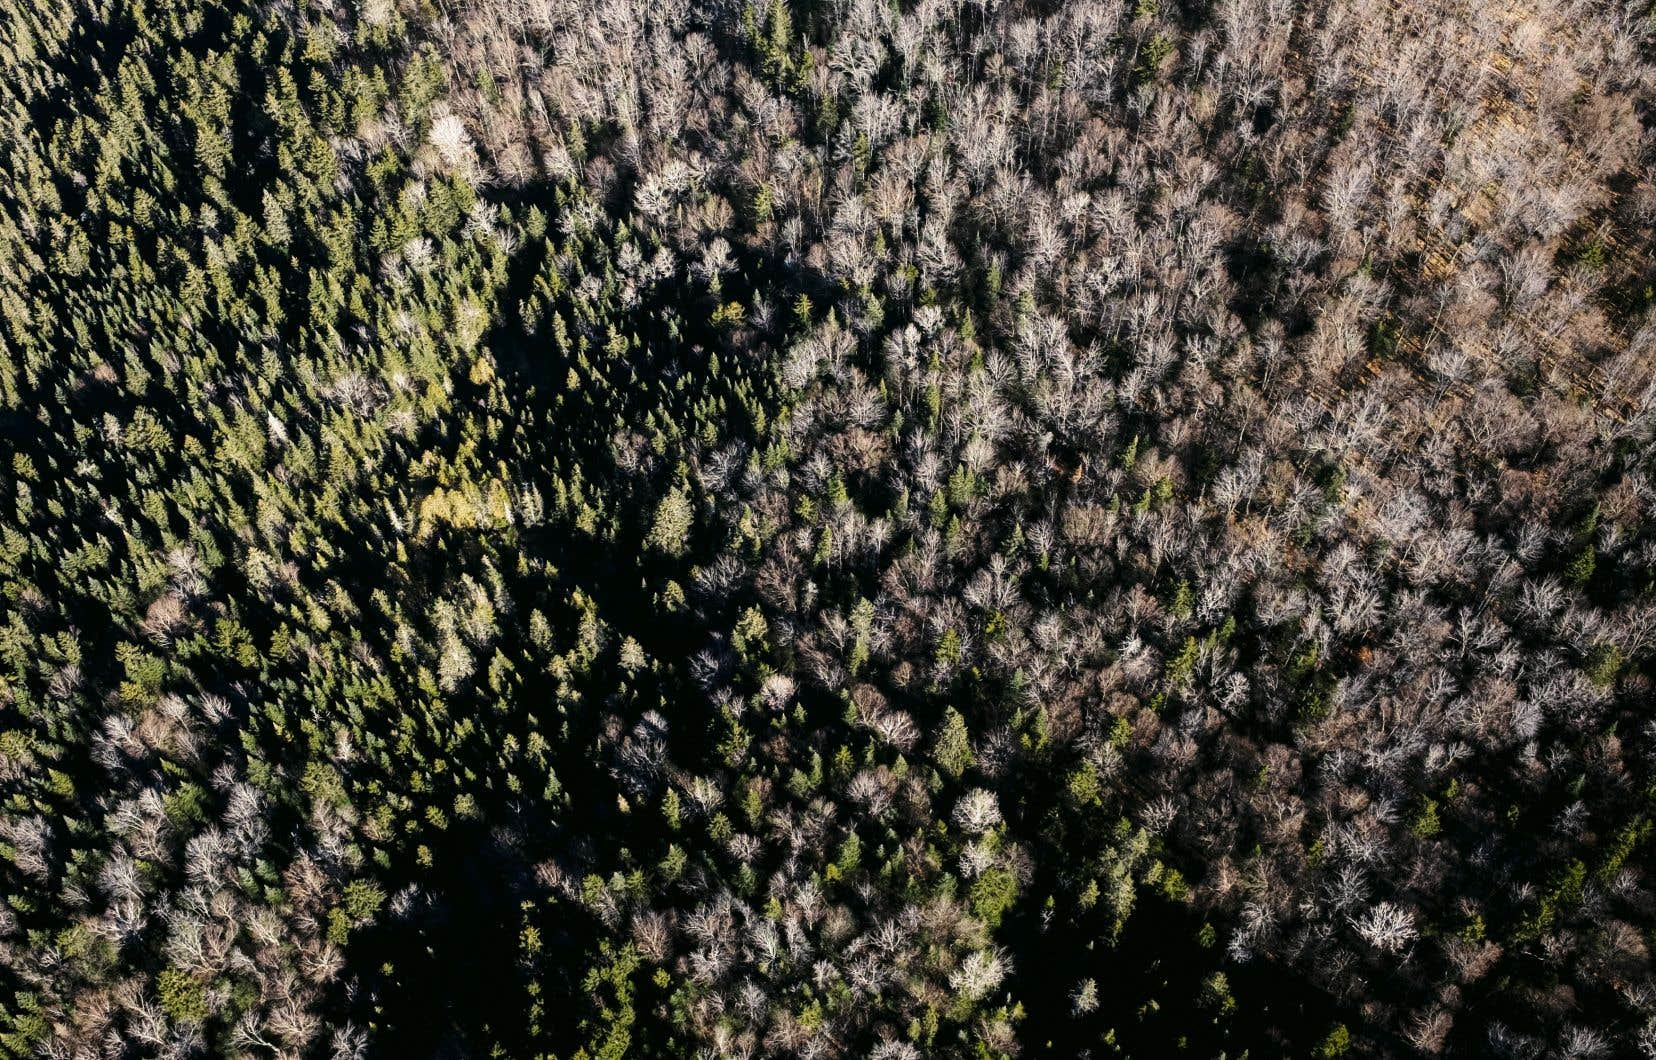 D'ici quelques décennies, le climat du Québec va considérablement se réchauffer. Des conditions typiques de la Nouvelle-Angleterre vont prévaloir dans ce qui est aujourd'hui la forêt boréale.